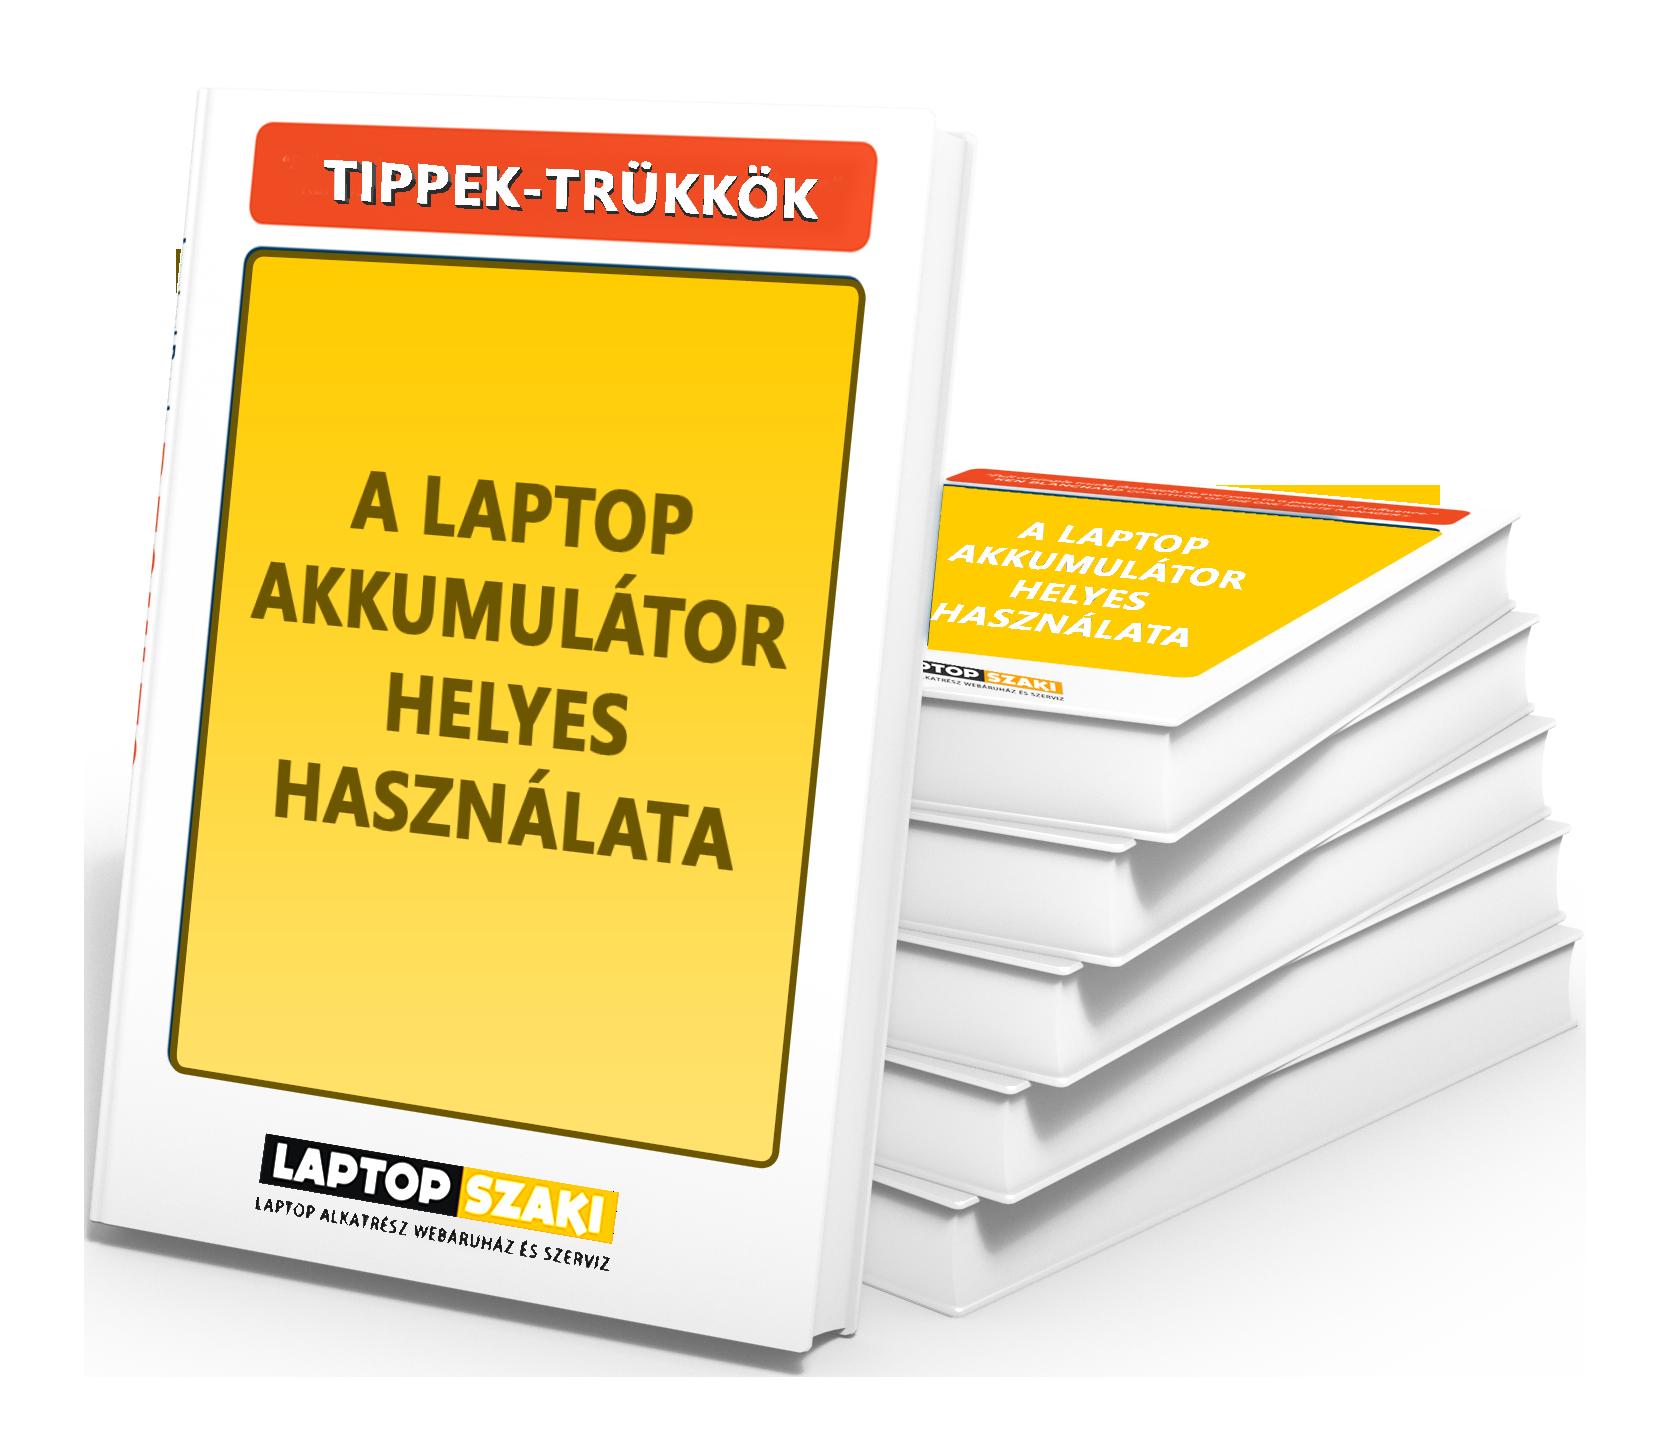 014d8d59e7 Tippek-trükkök: Laptop akkumulátor felújítás - Megéri?! - Laptopszaki.hu